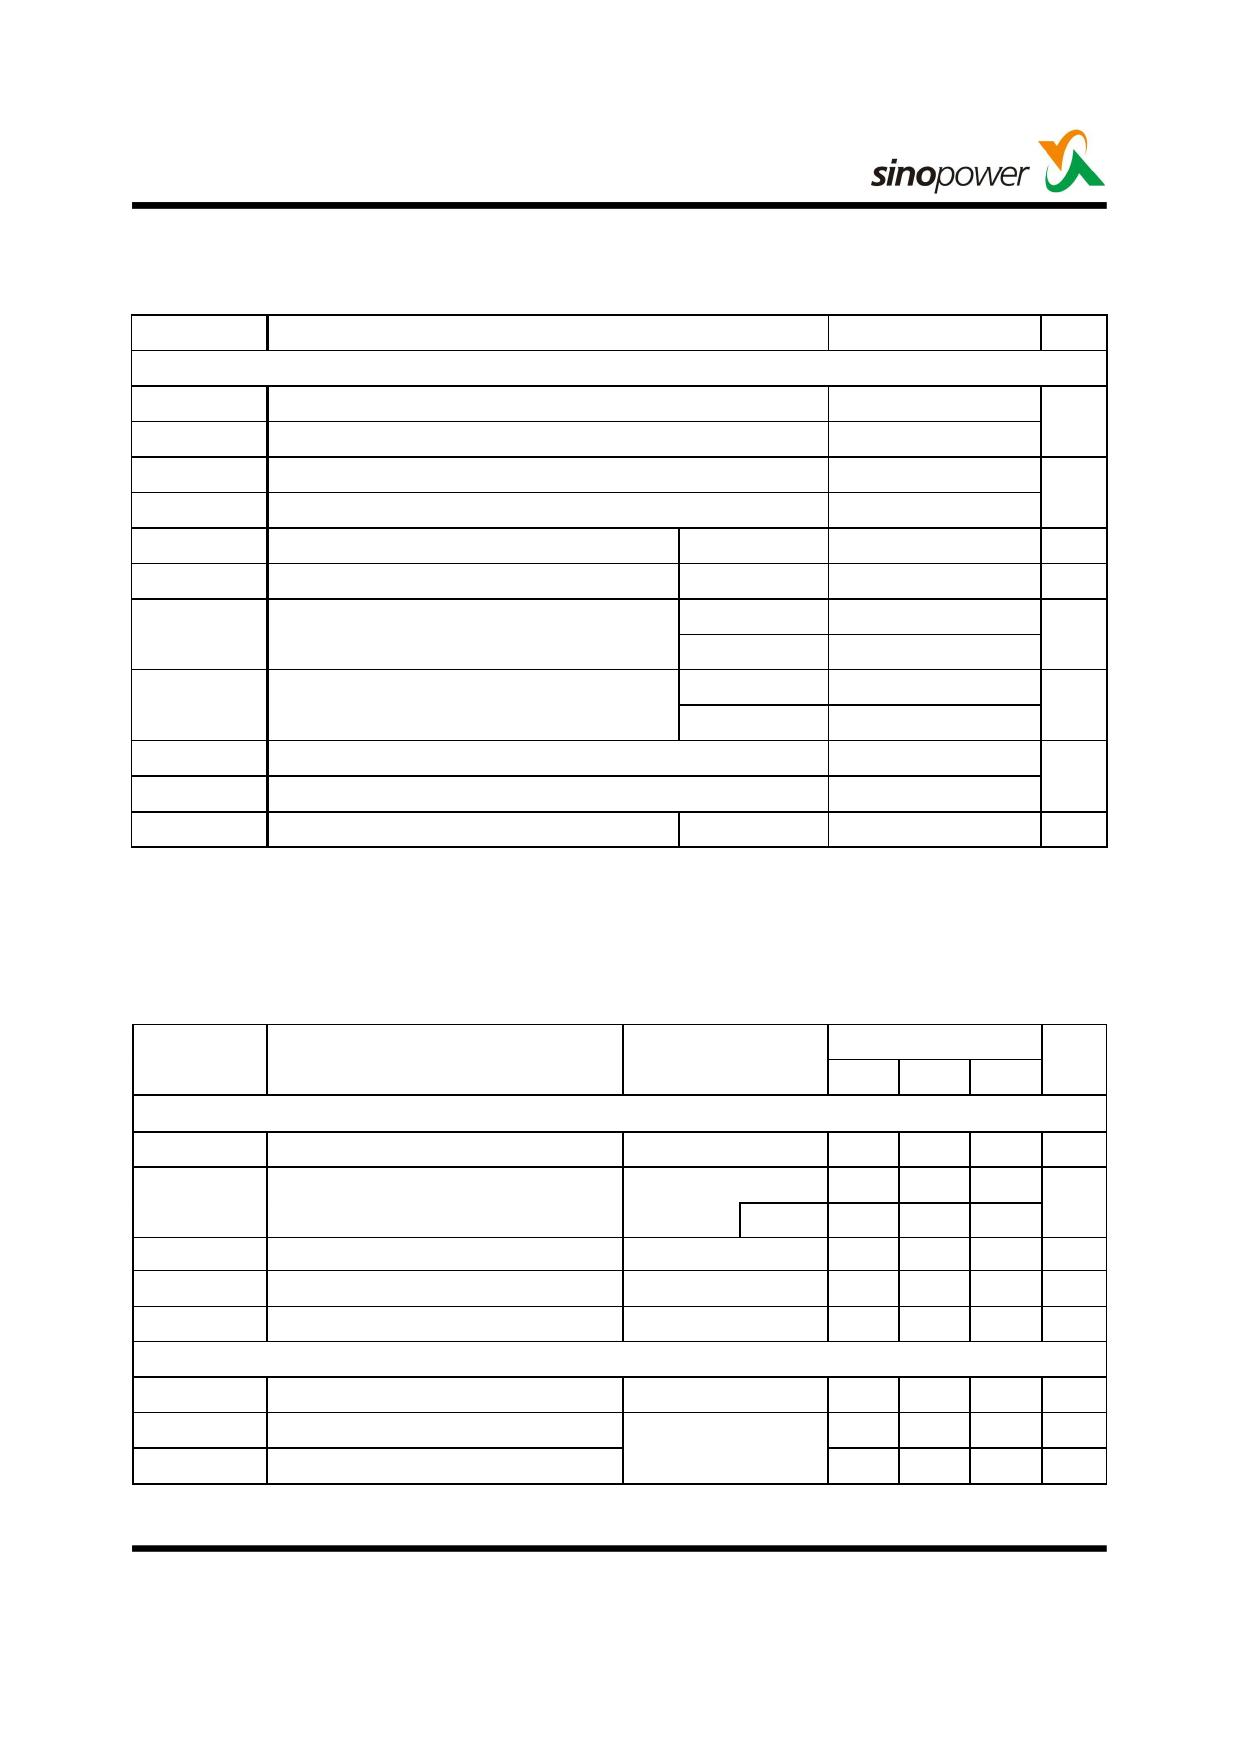 SM8007NSF pdf, schematic